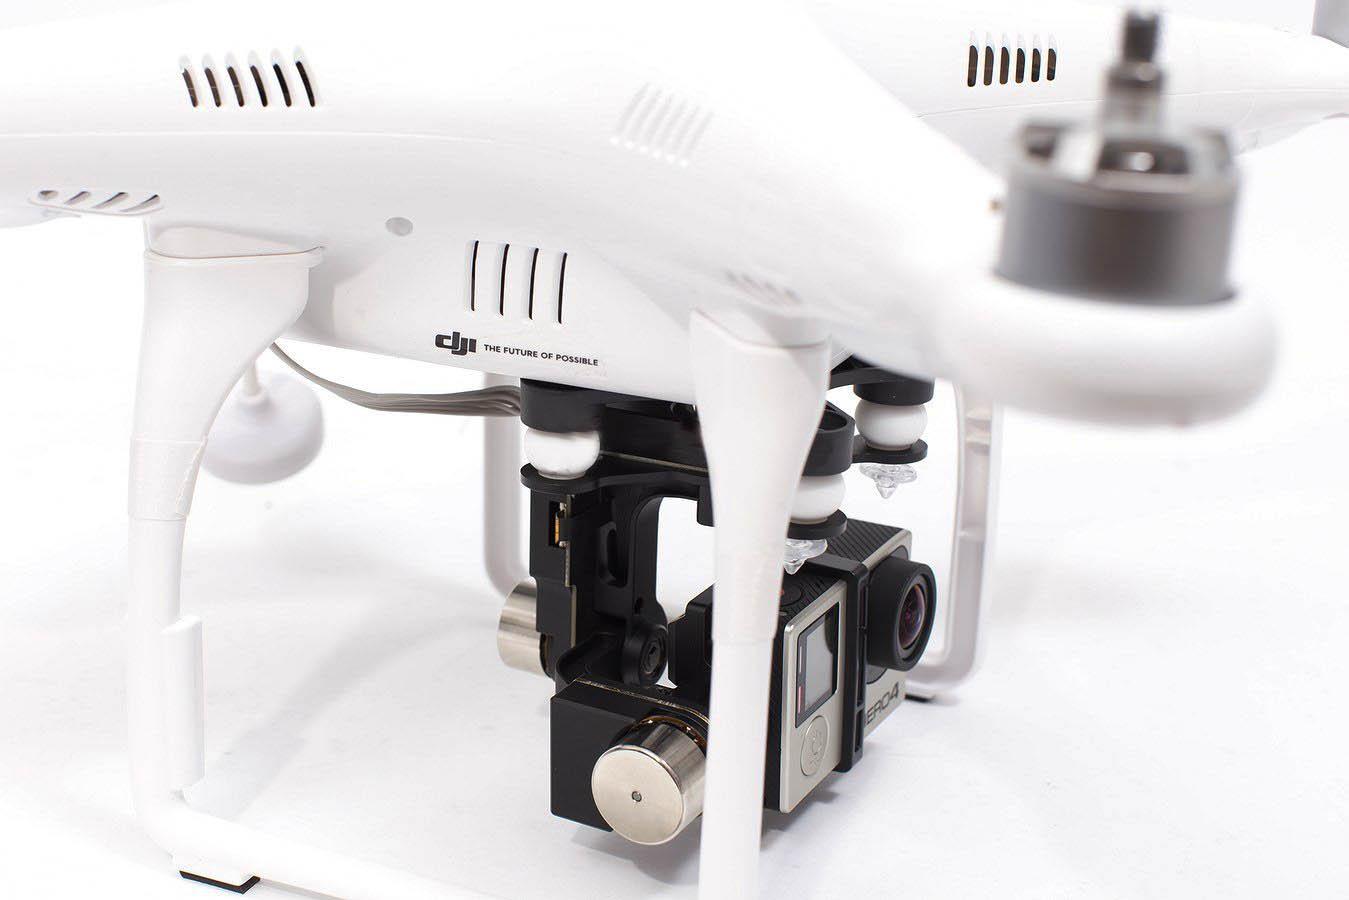 Квадрокоптер dji phantom с камерой gopro защита объектива пластиковая мавик эйр недорого